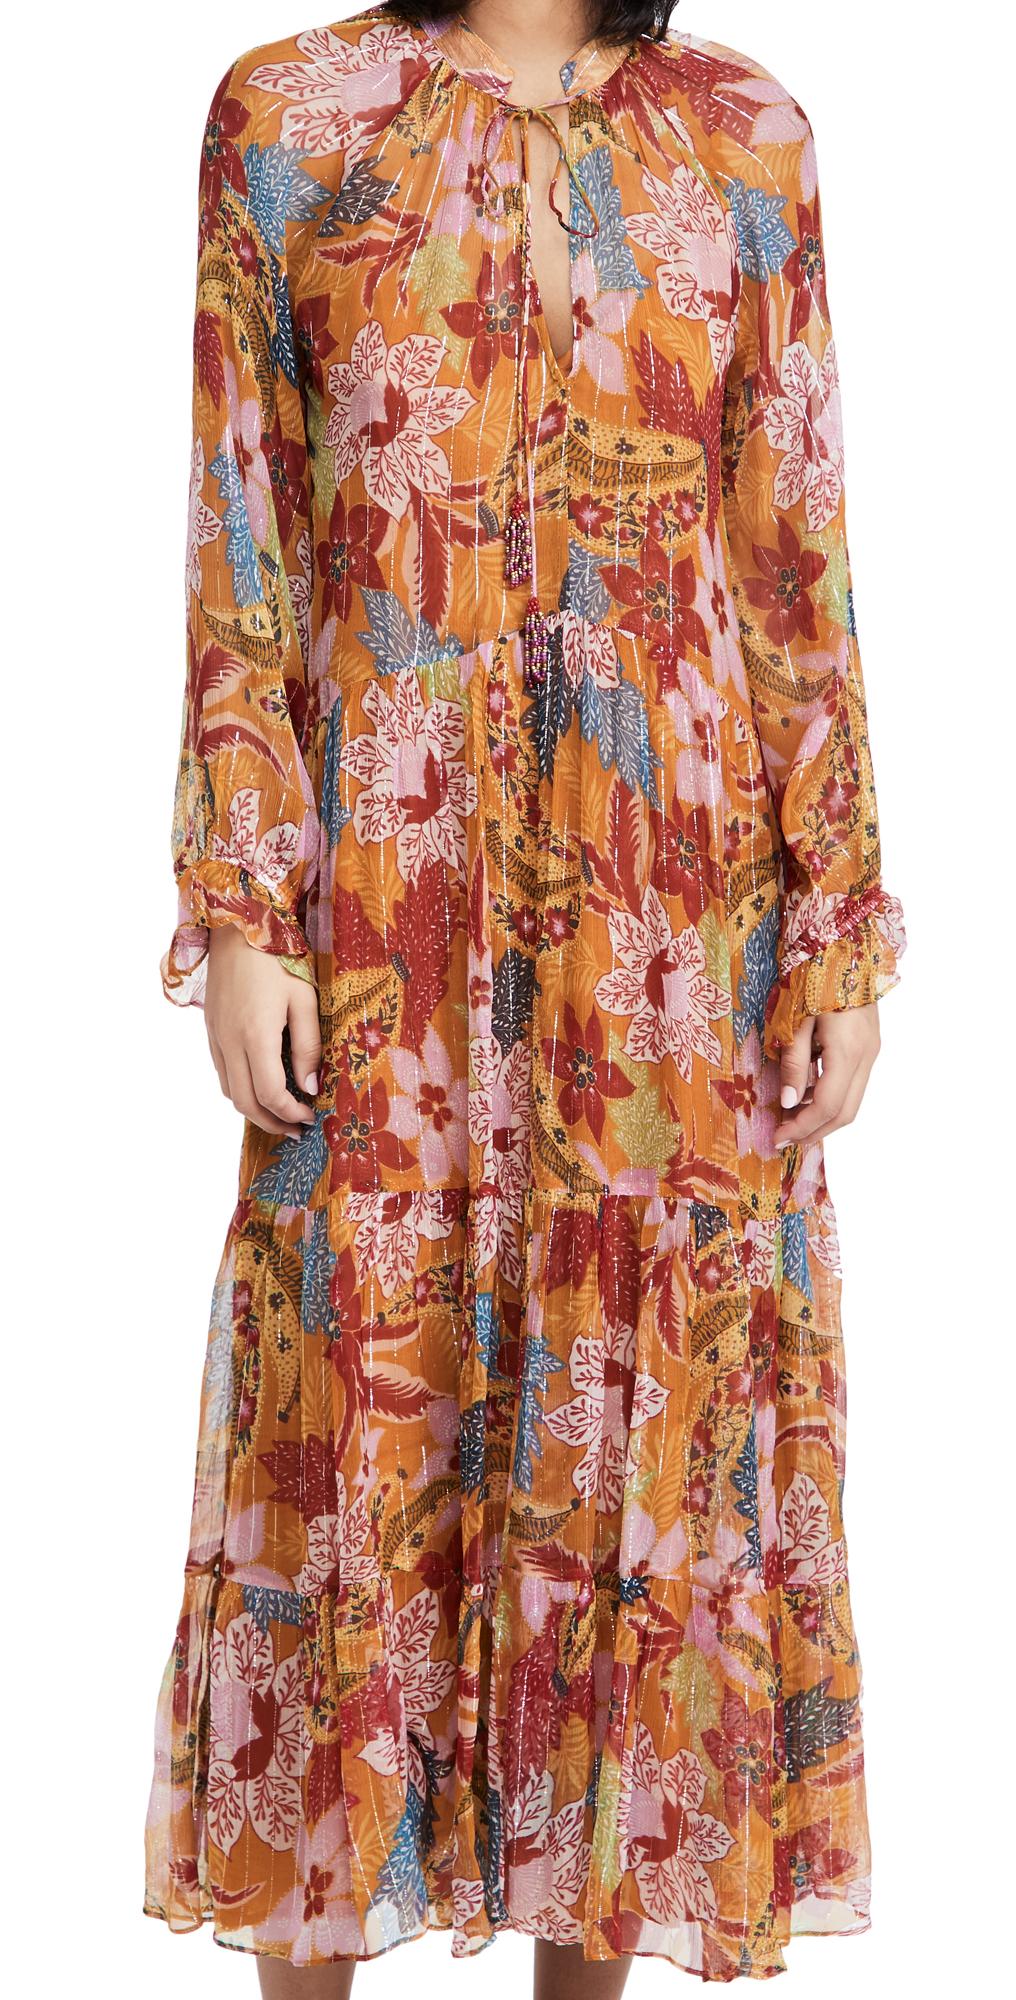 FARM Rio Banana Floral Maxi Dress